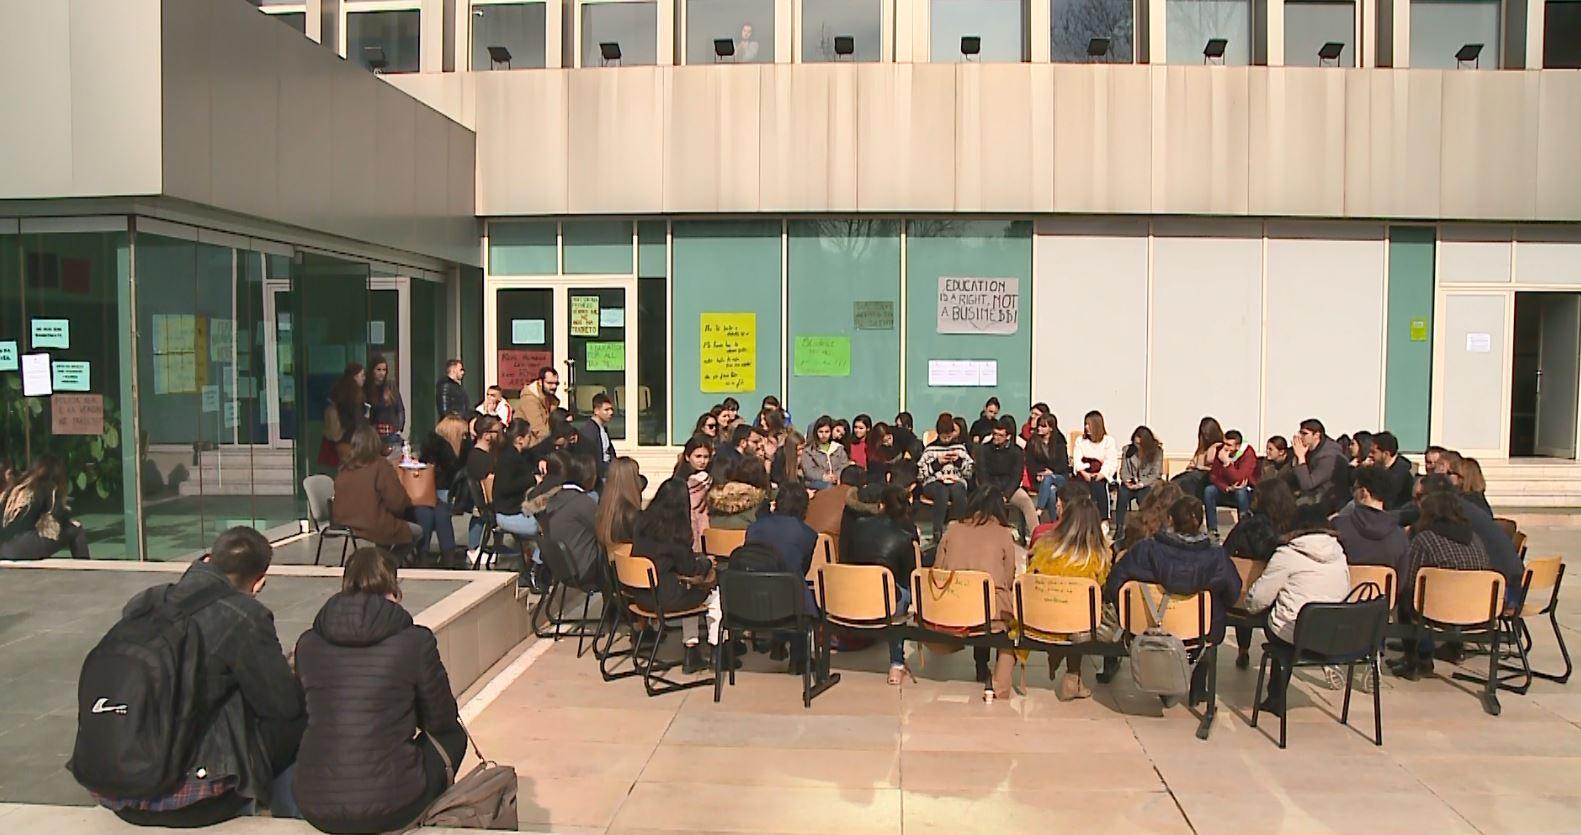 Studentët e Tiranës, pro dhe kundër bojkotit të mësimit